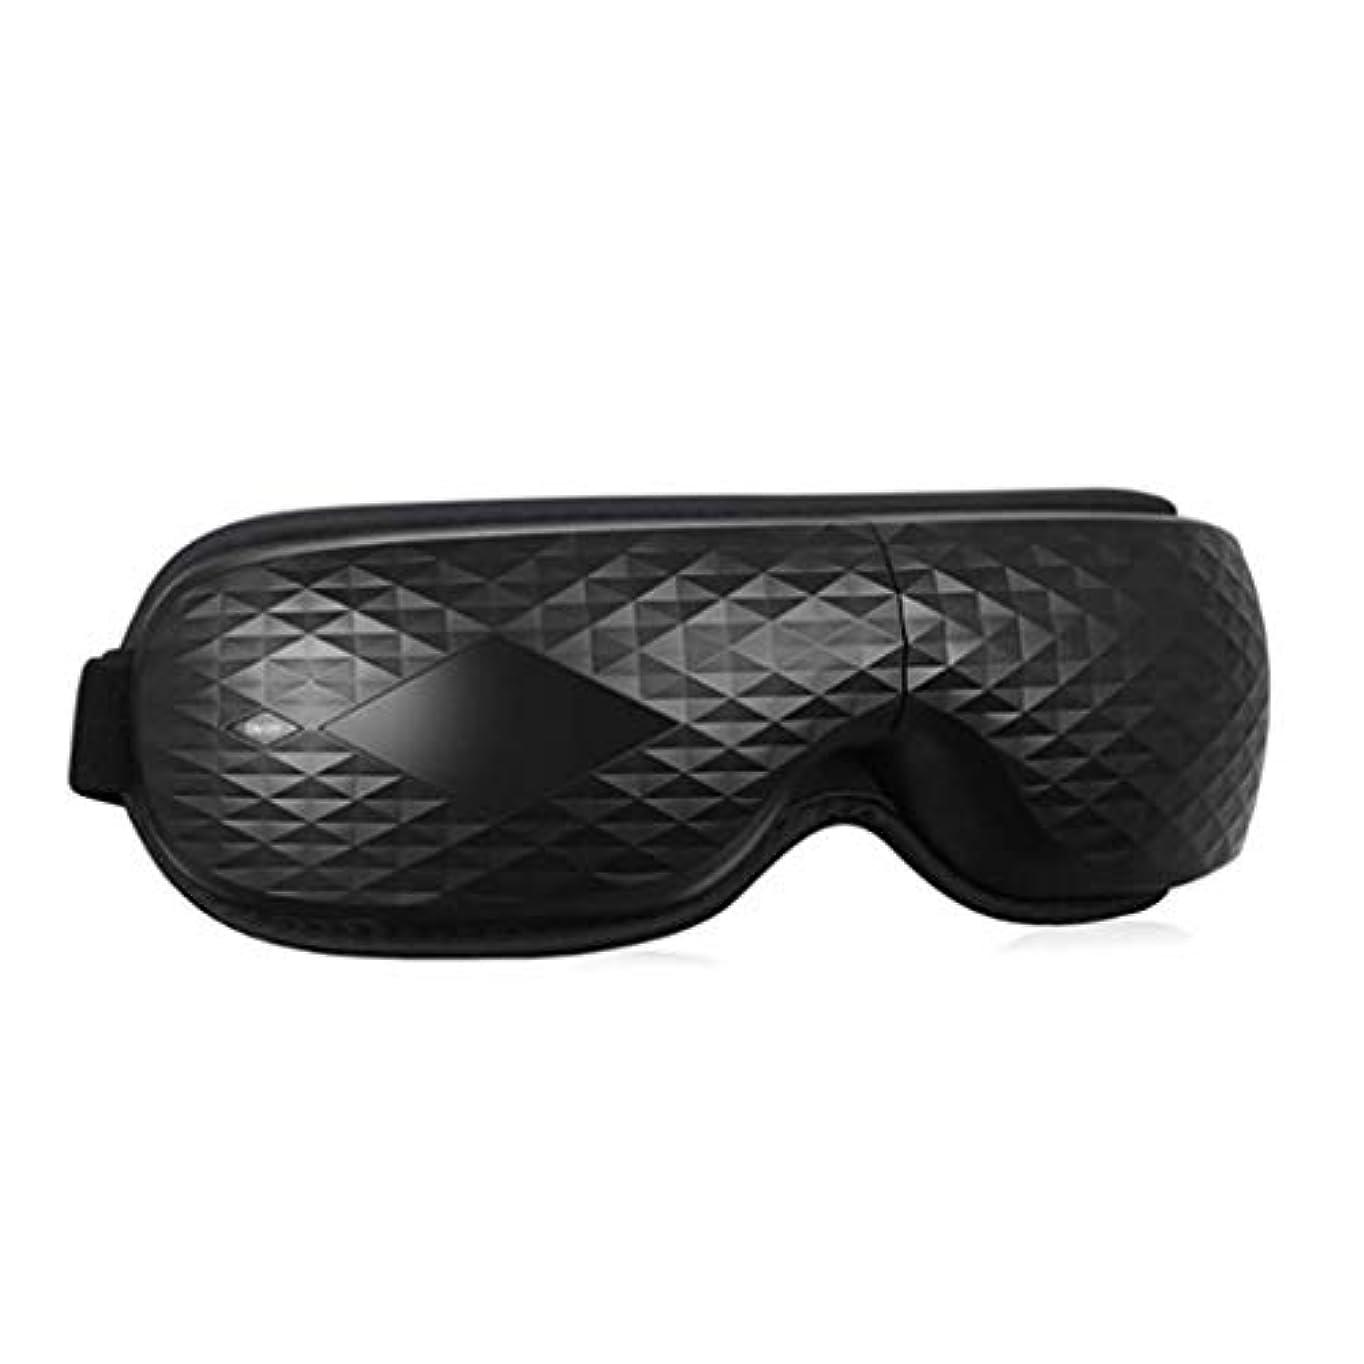 極端な項目問い合わせるアイマッサージャー、折り畳み式Bluetooth赤外線アイマッサージャー、5つのモードの加熱/振動/空気圧縮と音楽、SPA眼科治療機器、疲労と痛みの軽減、睡眠の促進 (Color : Obsidian)